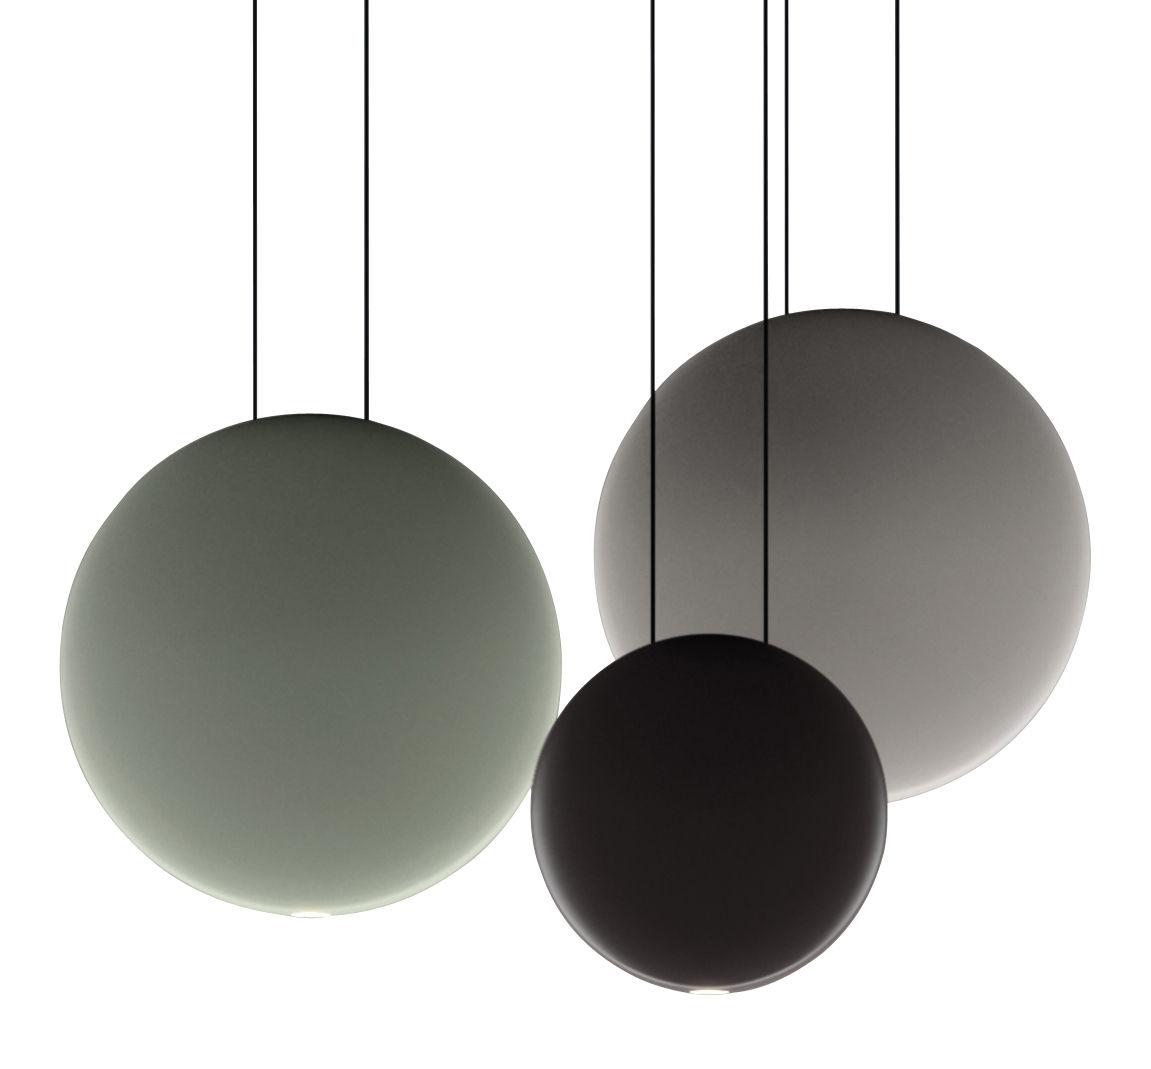 Leuchten - Pendelleuchten - Cosmos Pendelleuchte LED / Set mit 3 Pendelleuchten - L 55 cm - Vibia - Grün Ø27 / Grau Ø27 / Braun Ø19 - Polykarbonat